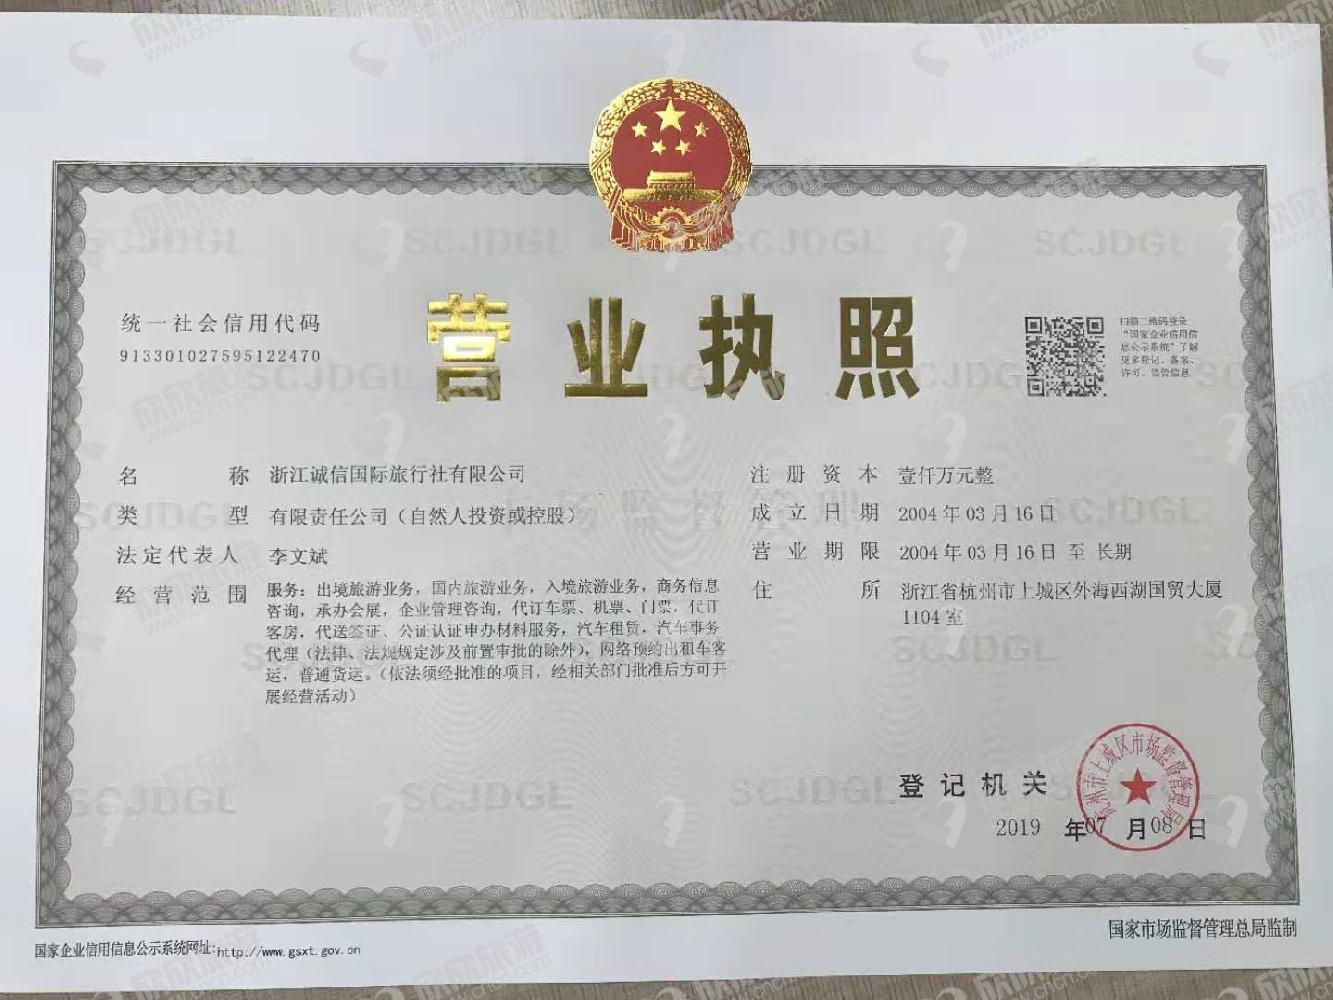 浙江诚信国际旅行社有限公司营业执照